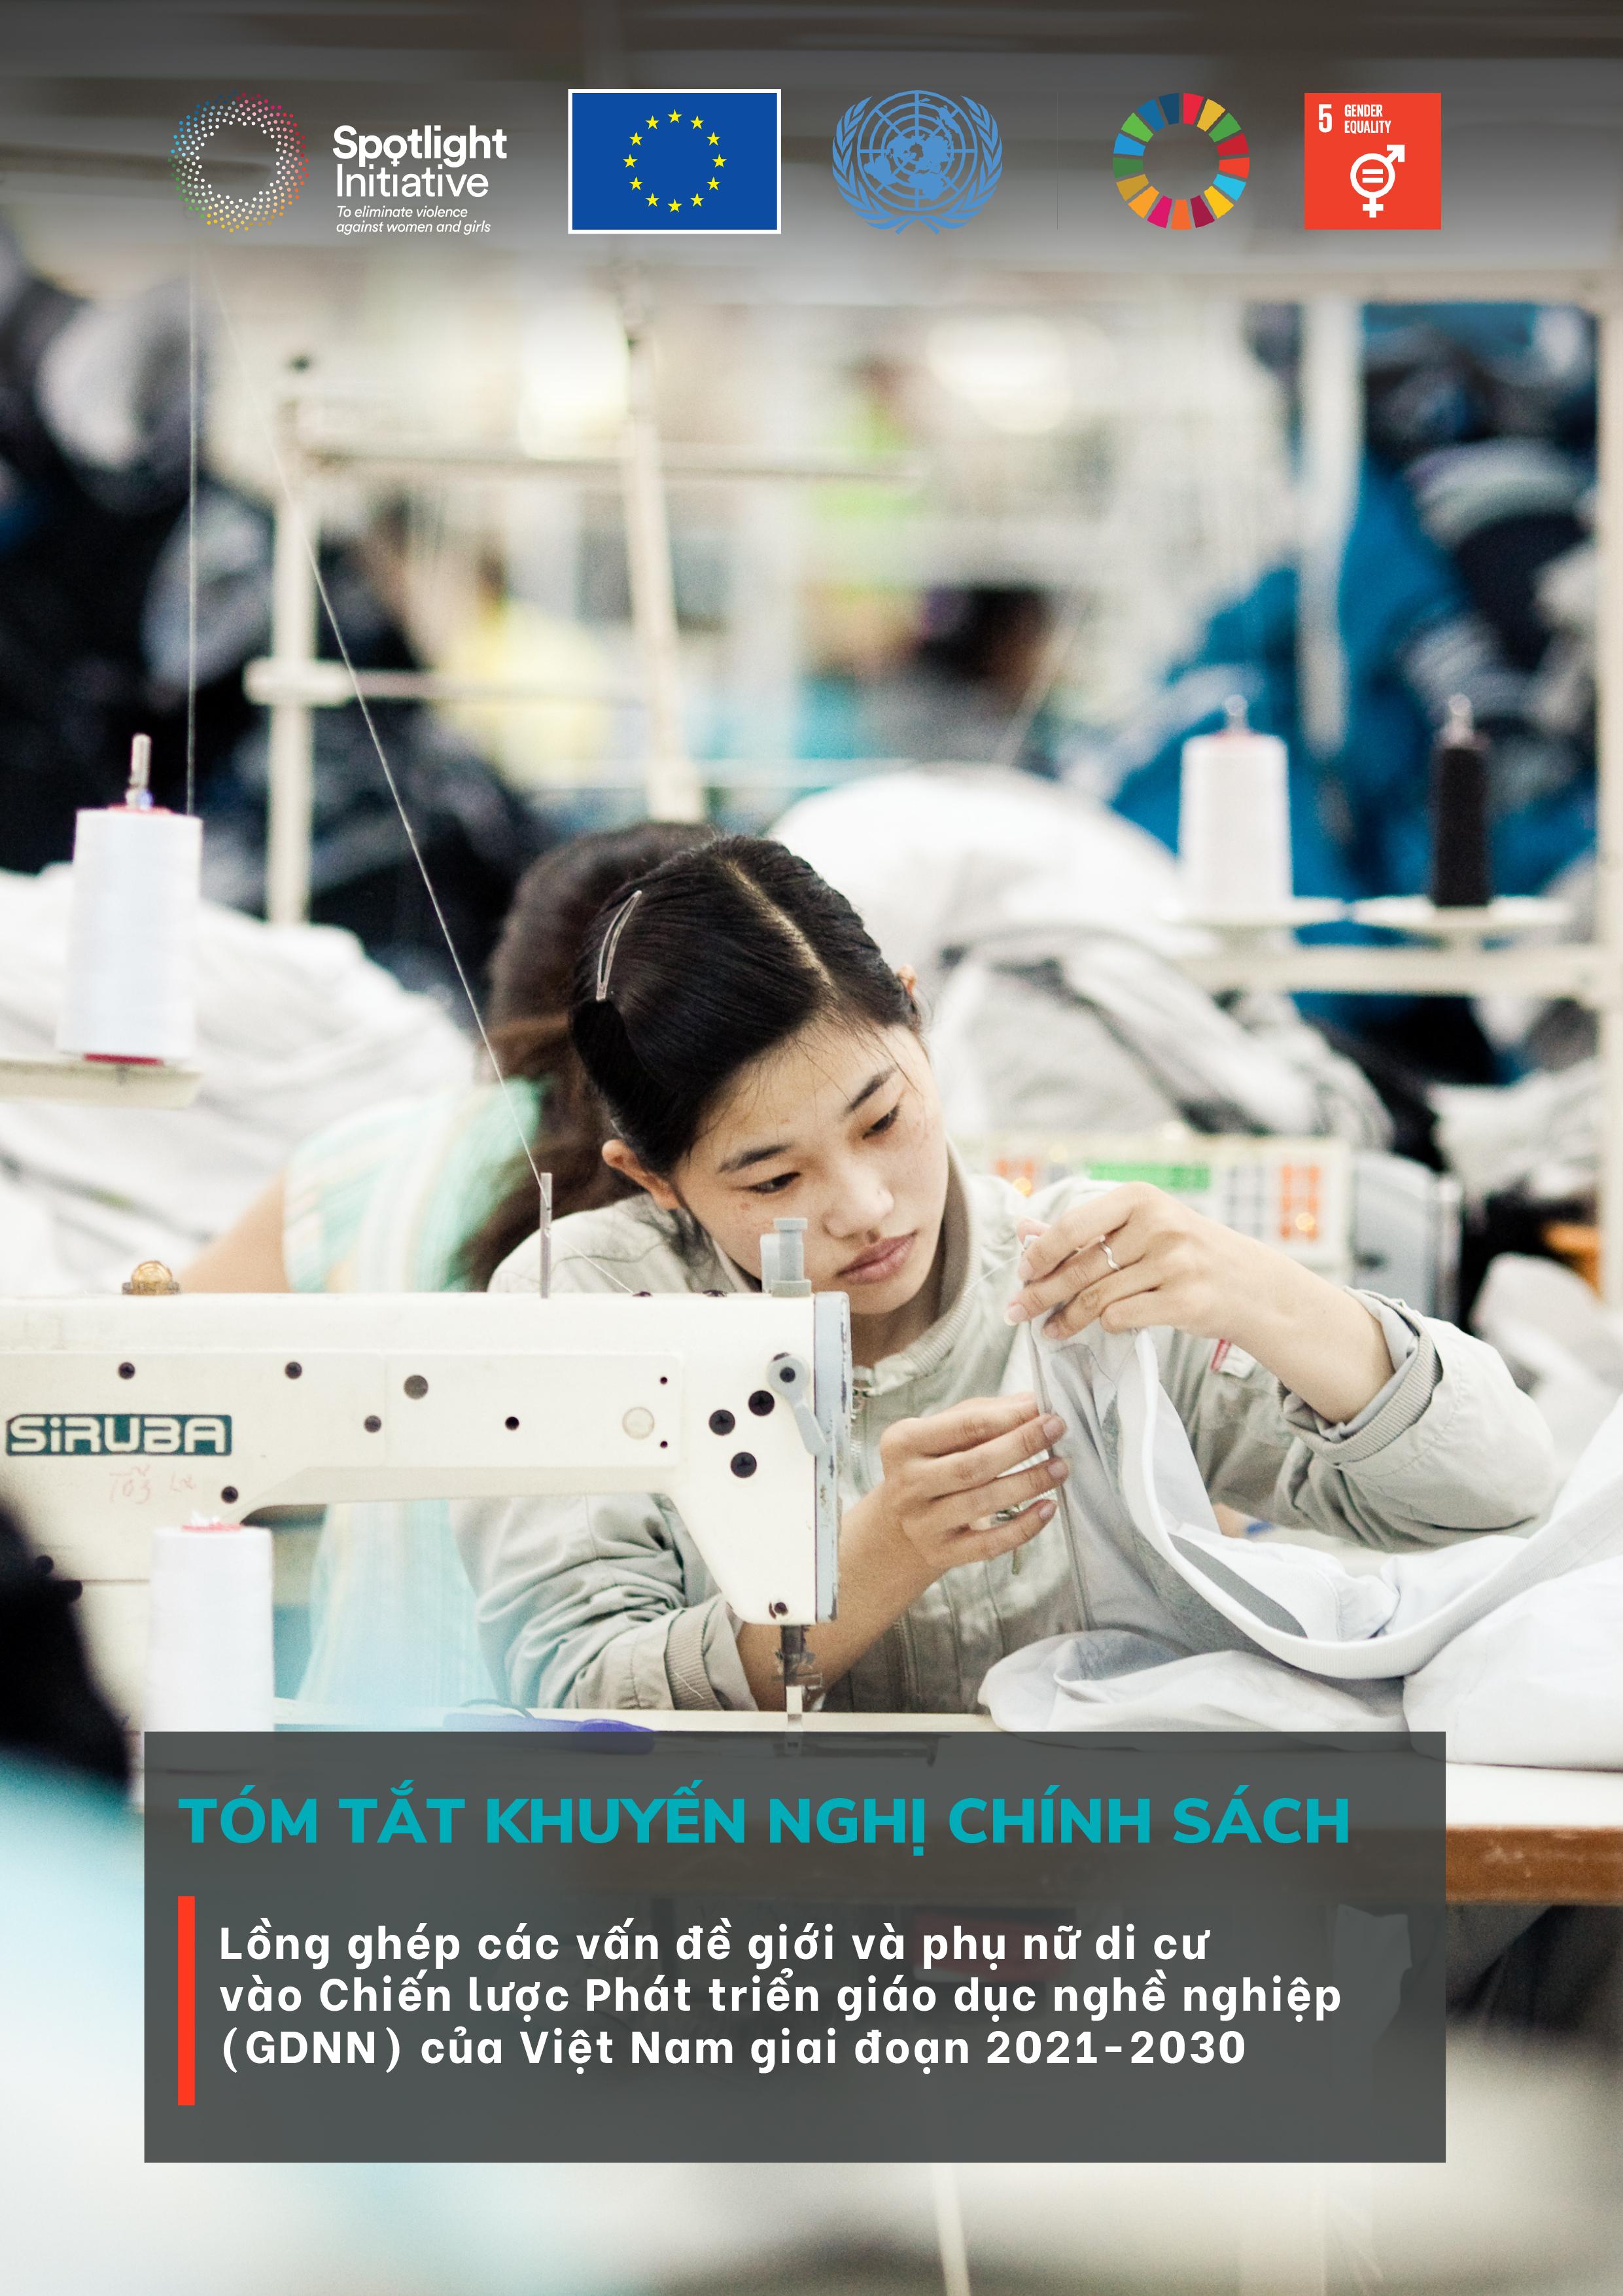 Tóm tắt khuyến nghị chính sách: Lồng ghép các vấn đề giới/phụ nữ di cư vào Chiến lược Phát triển giáo dục nghề nghiệp giai đoạn 2021-2030 của Việt Nam